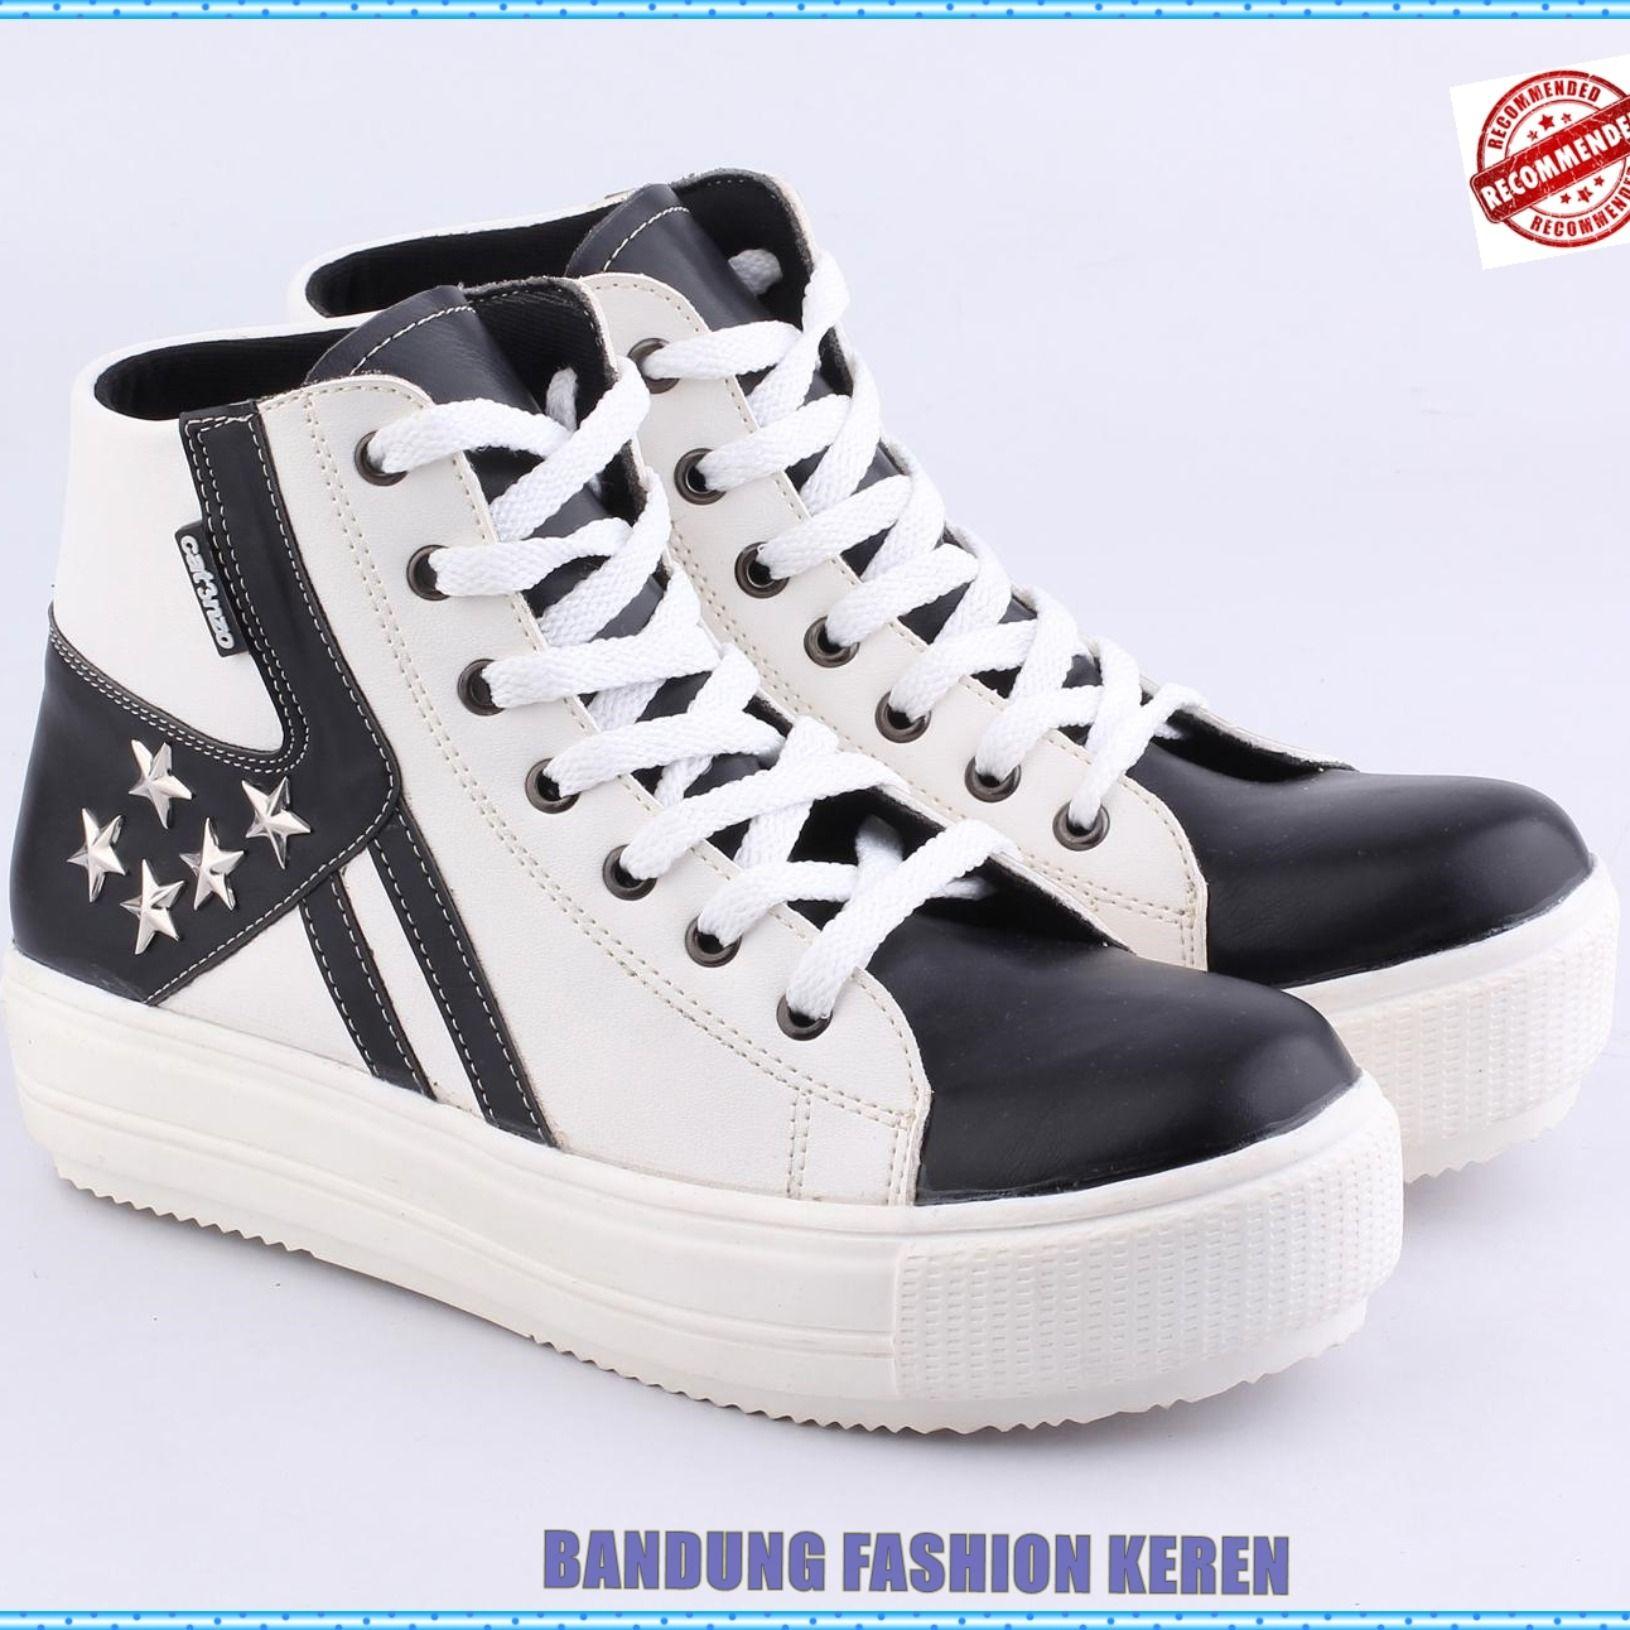 Sepatu Semi Boot Wanita Do 011 Produk Fashion Handmade Terbaik 100 Persen Asli Produk Indonesia Asal Bandung Kota Paris Van Java Produk Terbaru Dari B Sepatu